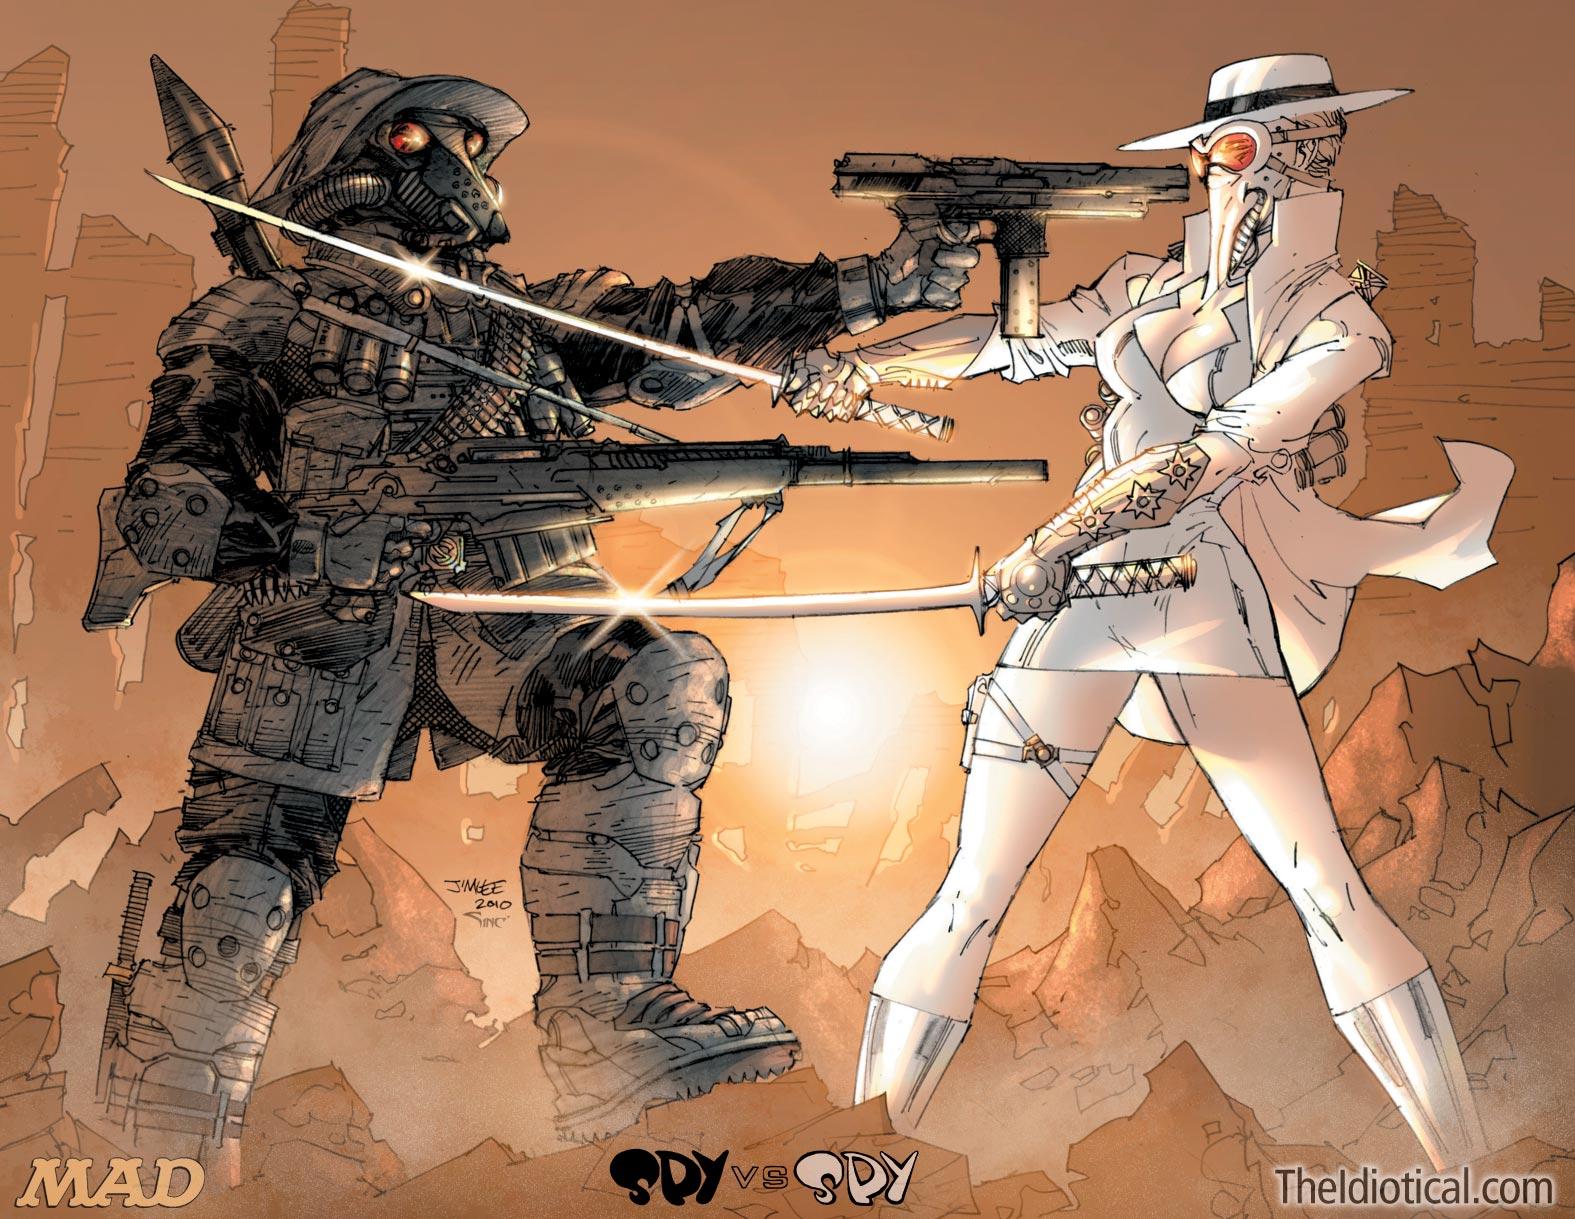 Spy Vs Spy Trailer Spy vs Spy movie wallpaper 1575x1219